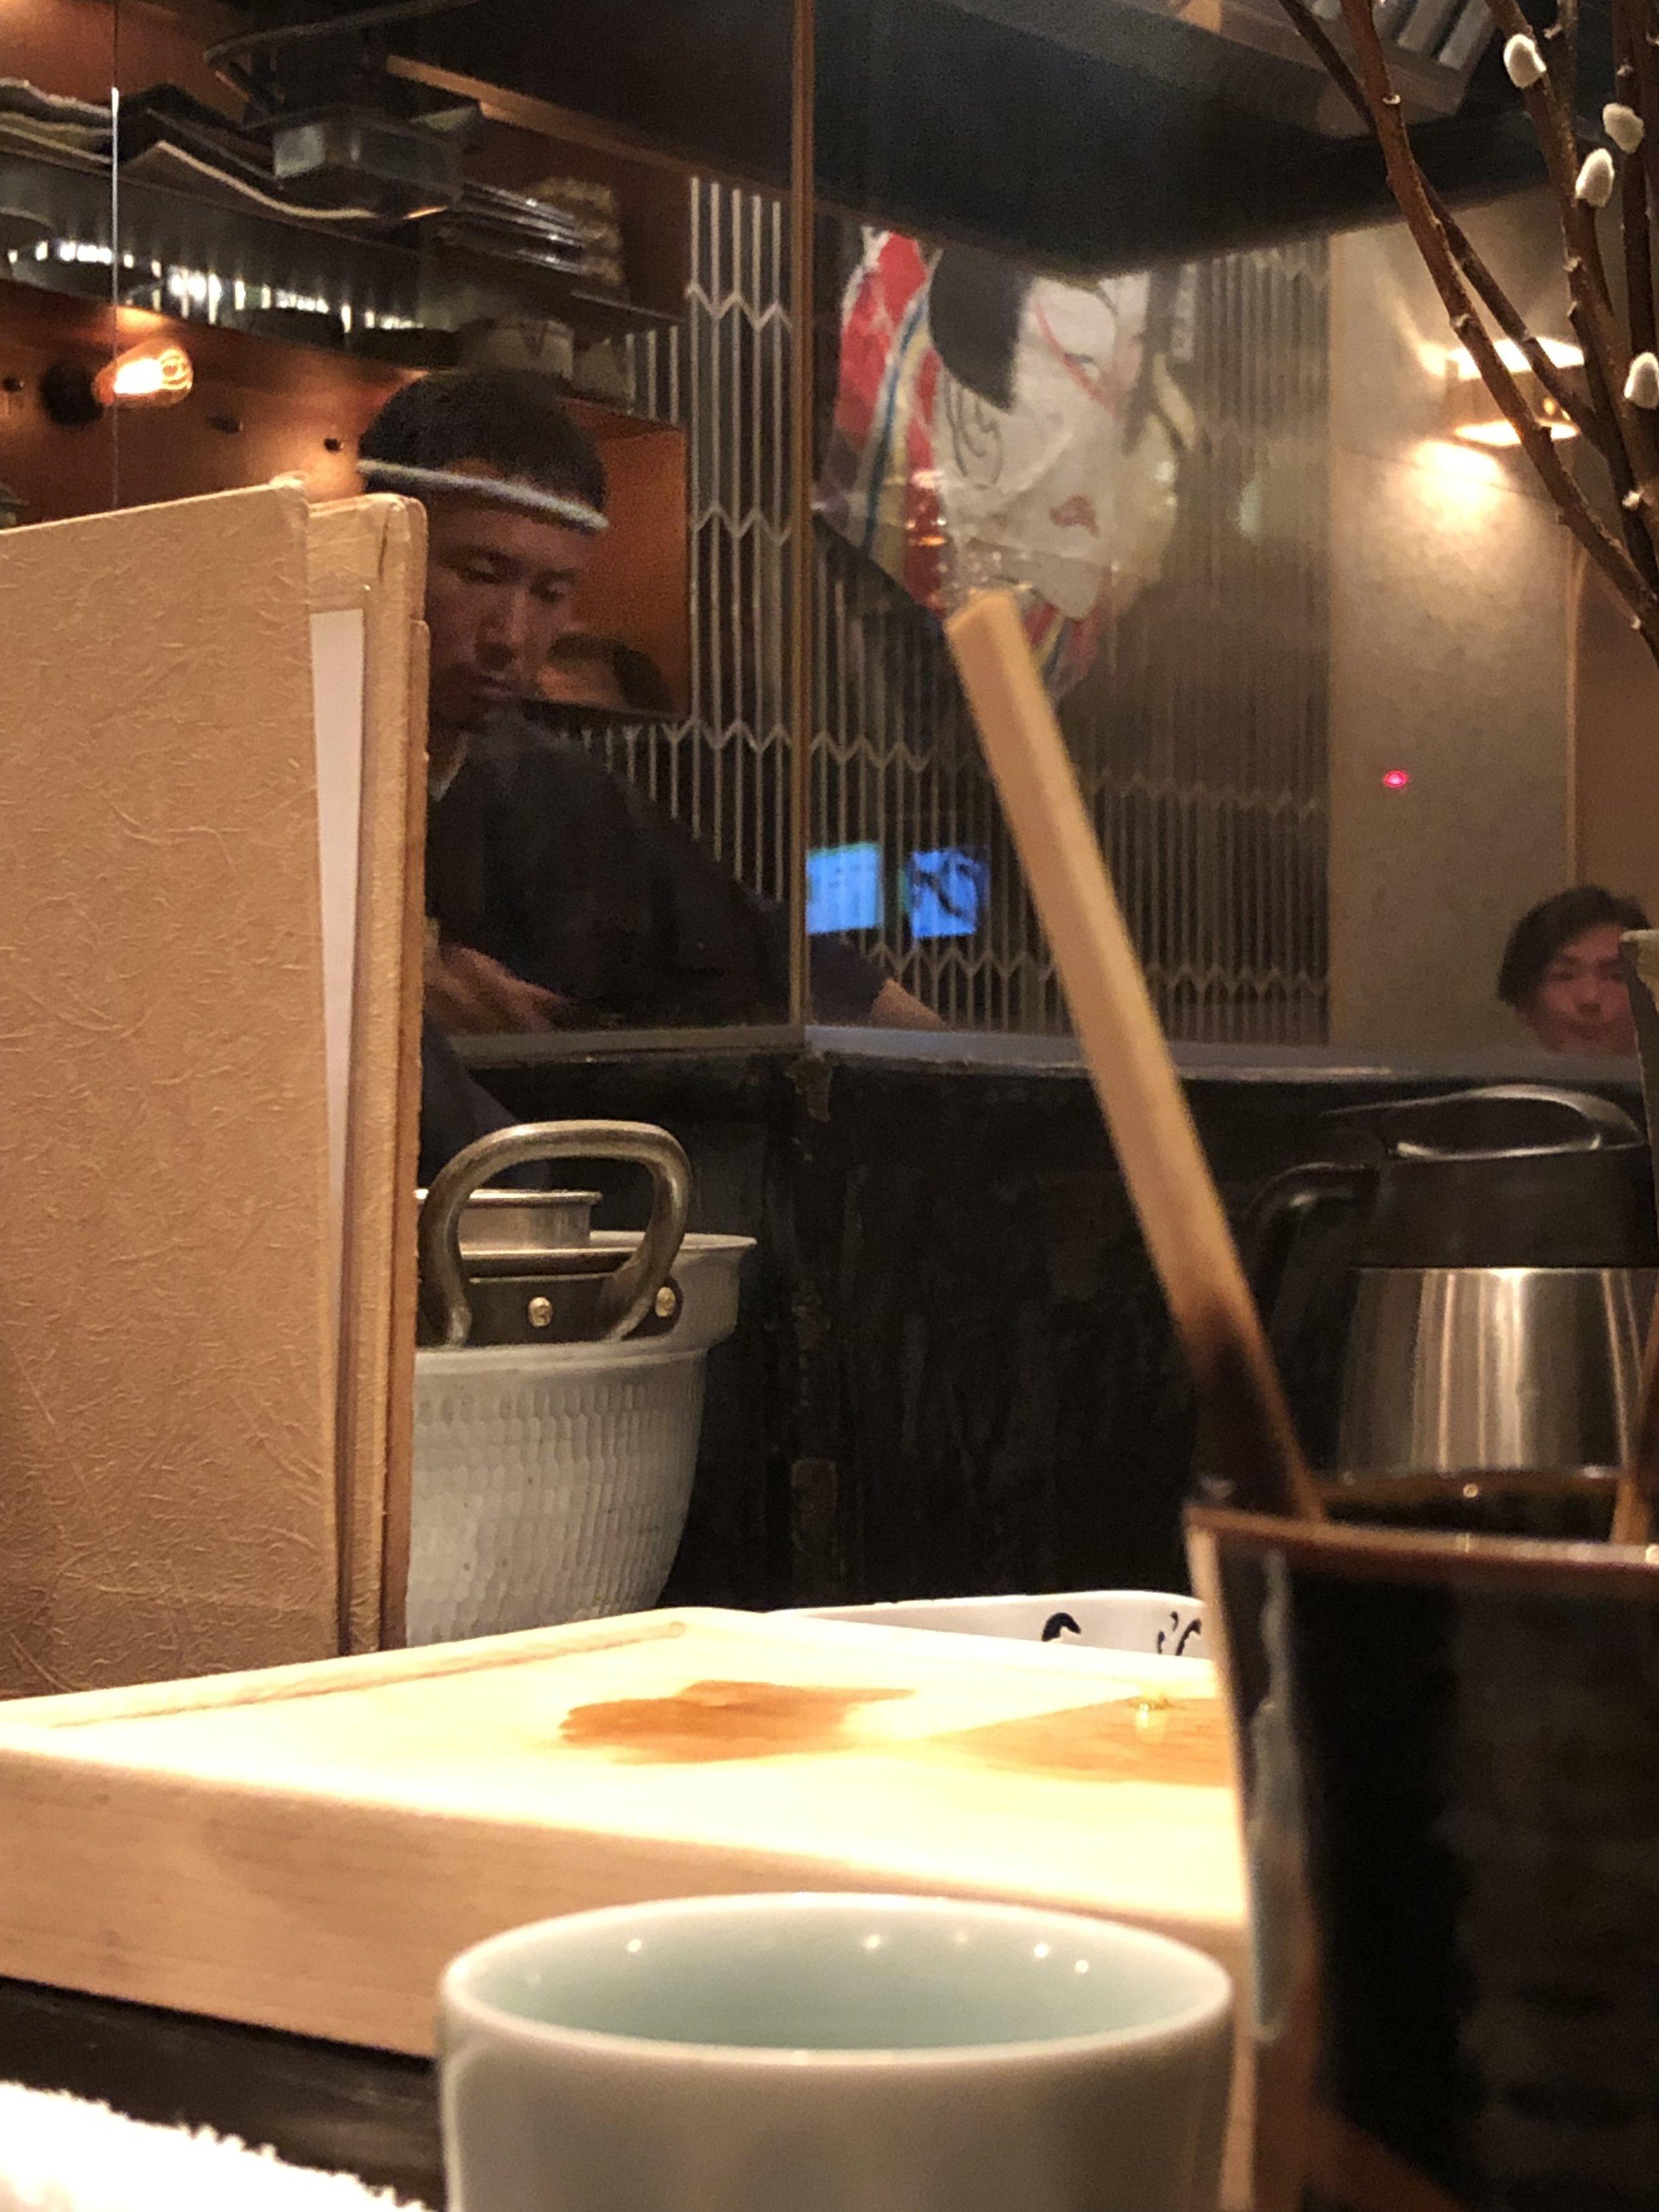 Yakitori chef preparing the horsemeat